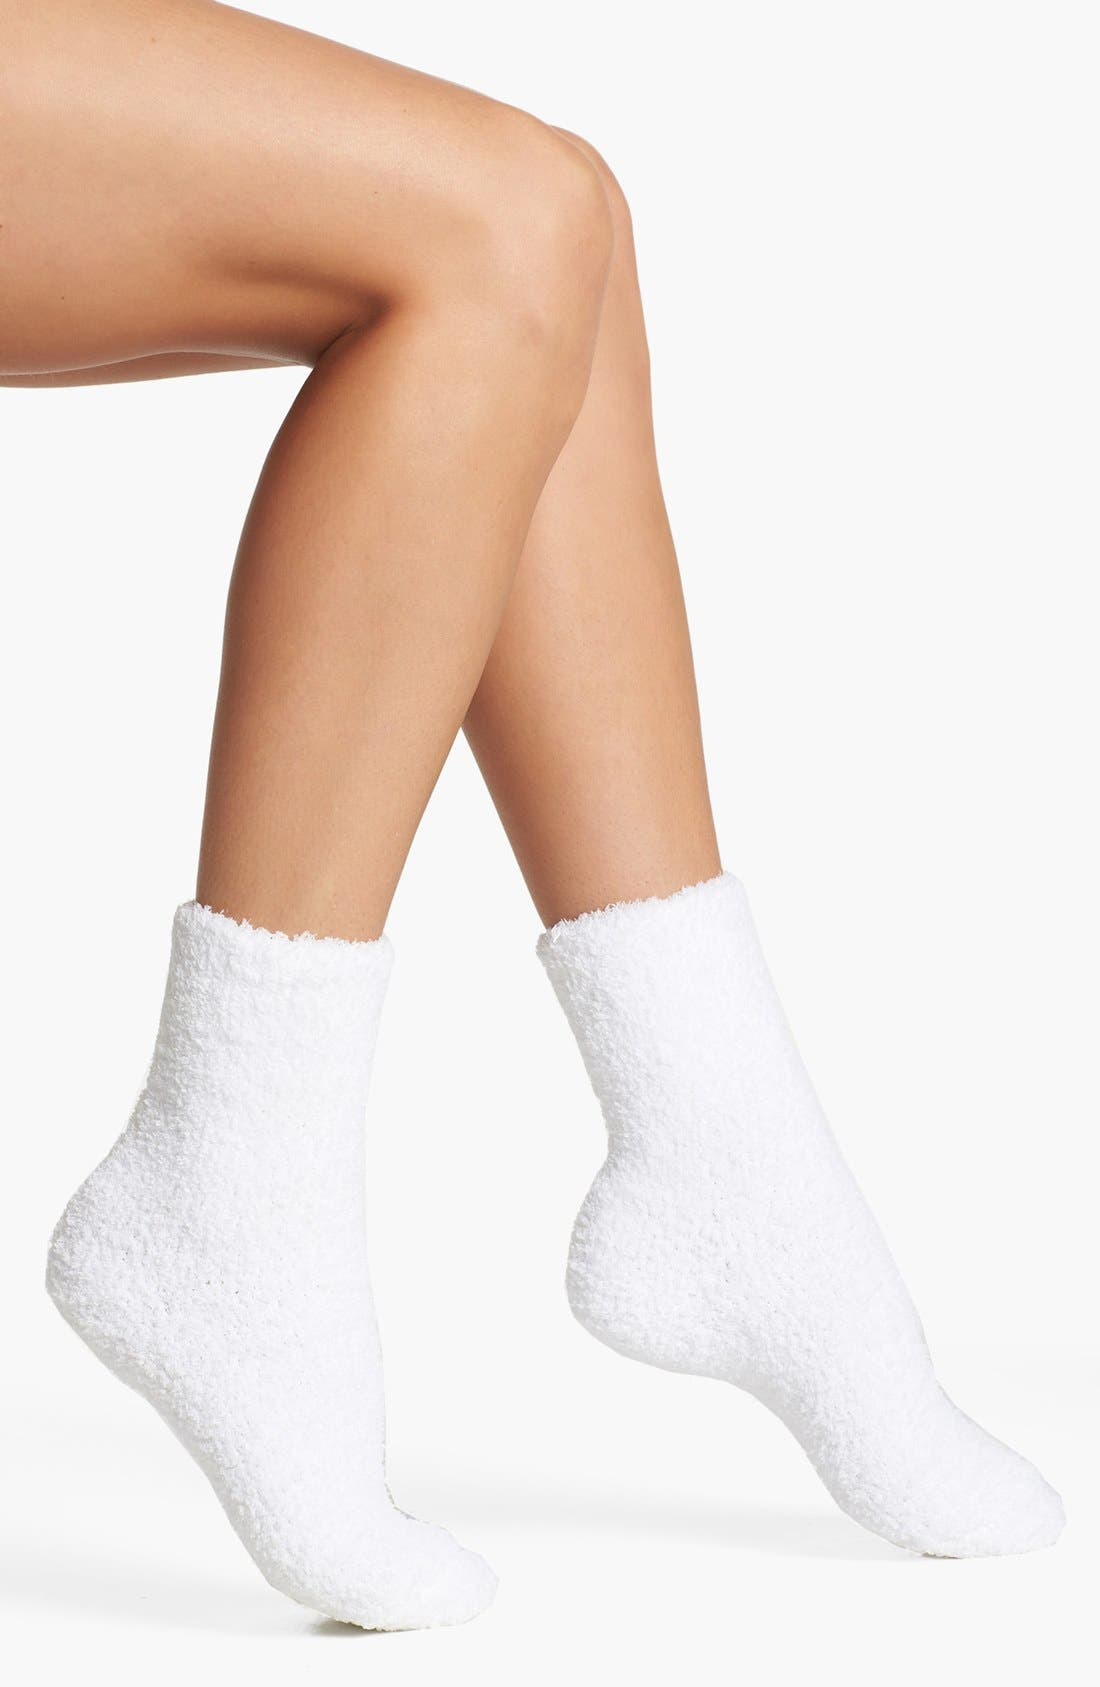 Alternate Image 1 Selected - Nordstrom Butter Slipper Socks (3 for $19)